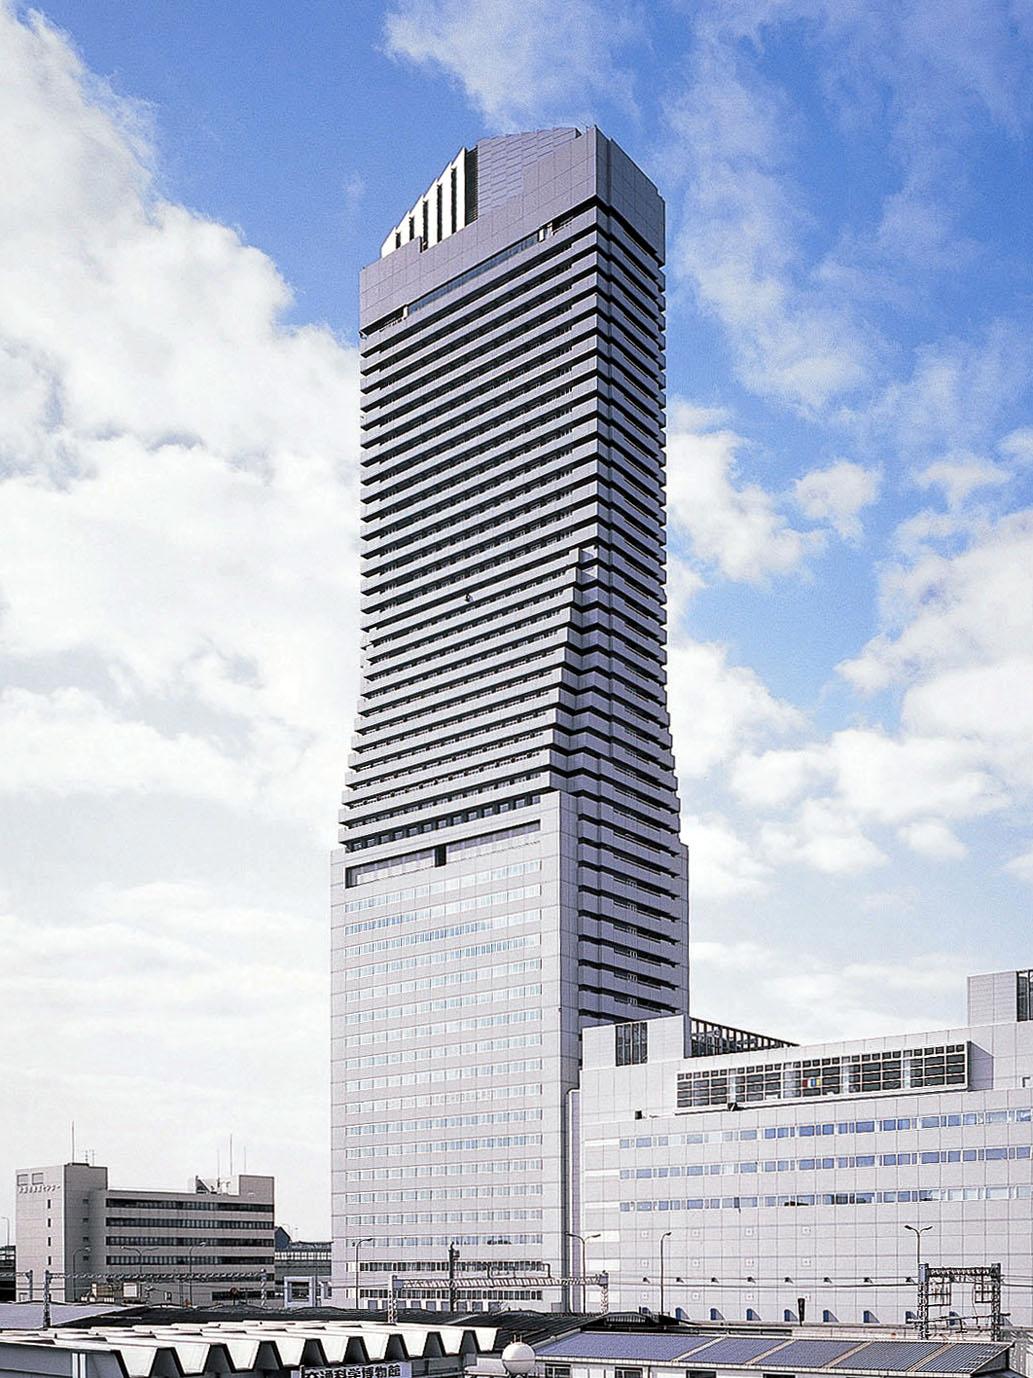 ホテル大阪ベイタワー <大阪弁天町>